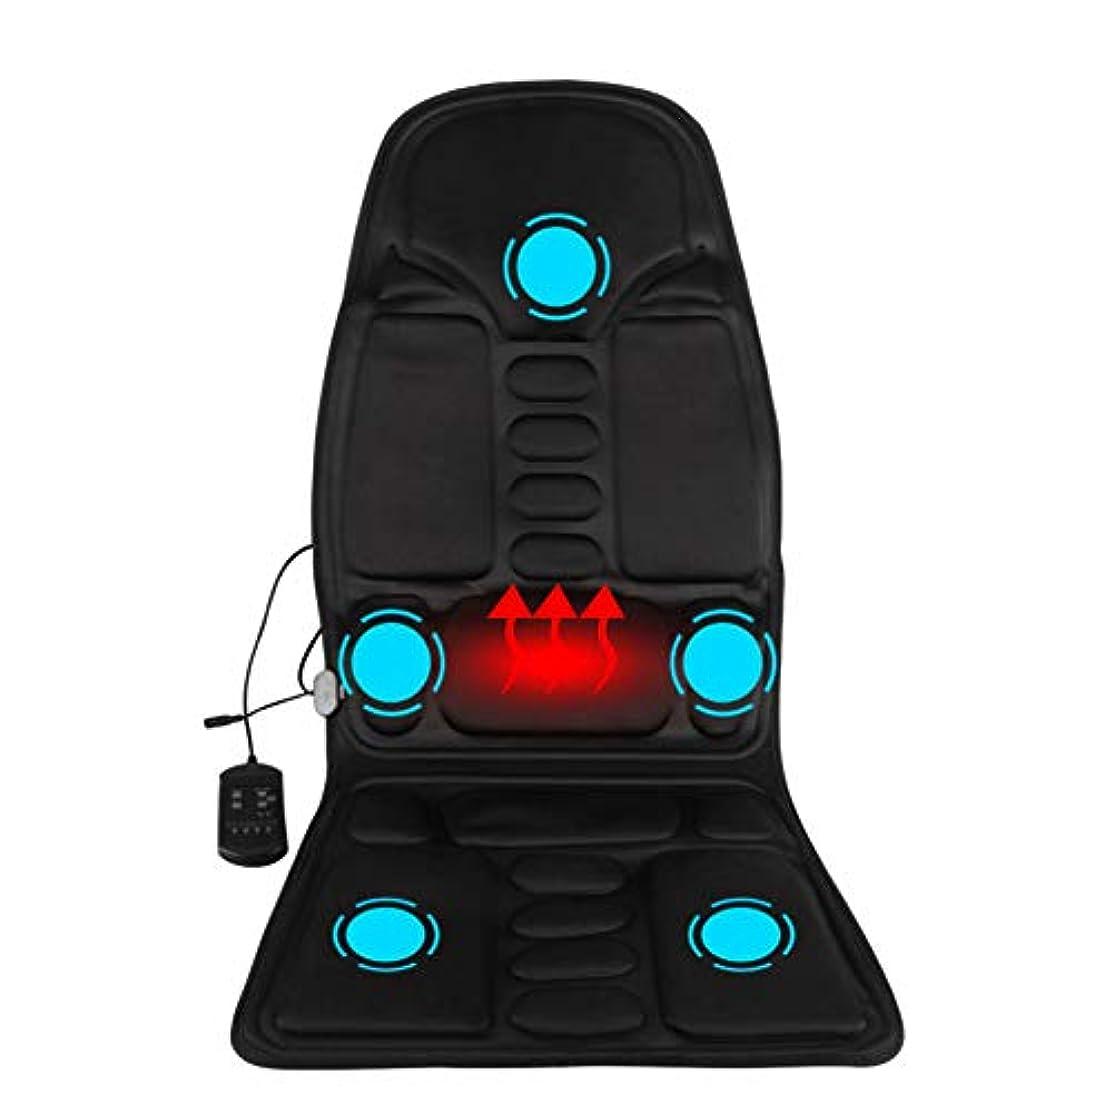 背の高いいたずら焦げマッサージのあと振れ止めのクッション、車の総本店の5つの熱振動モーターを搭載する背部そして首全体のための携帯用マッサージャーの座席振動のマッサージ